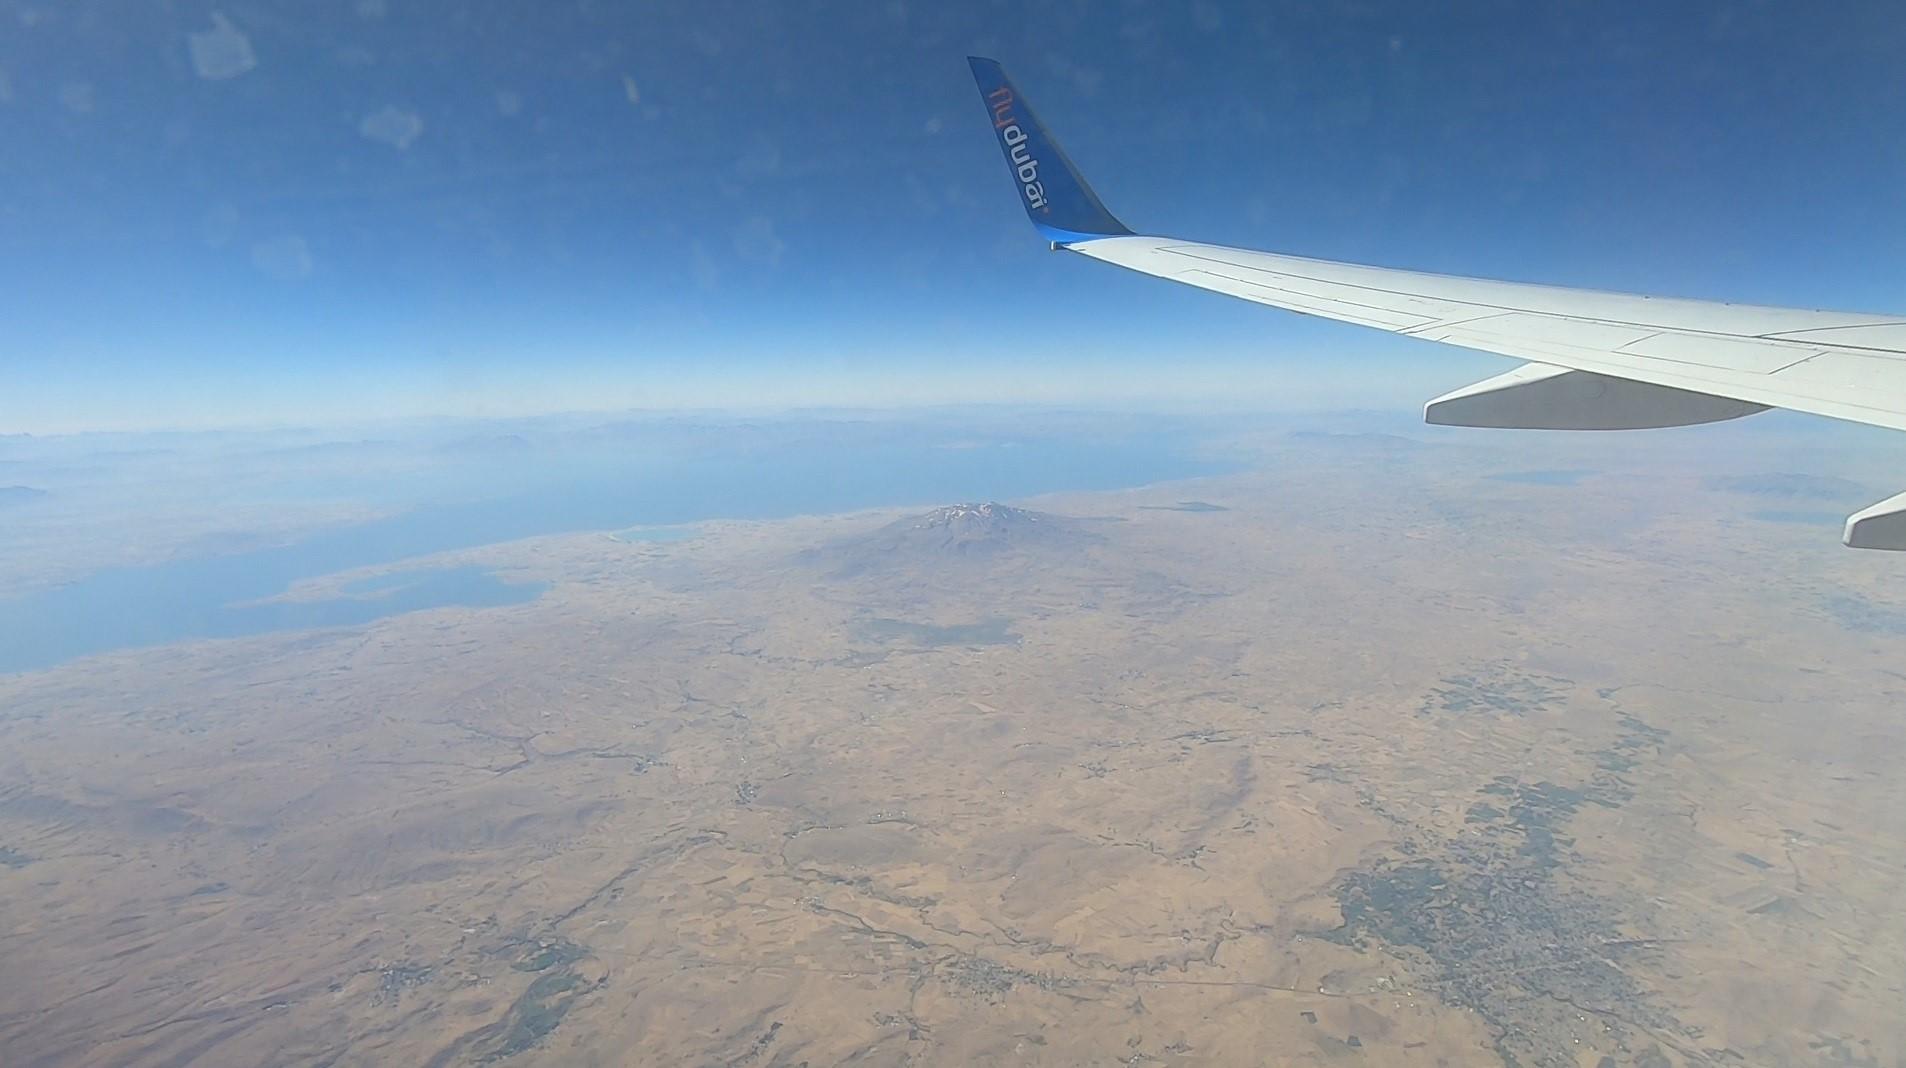 Mój strach przed lataniem